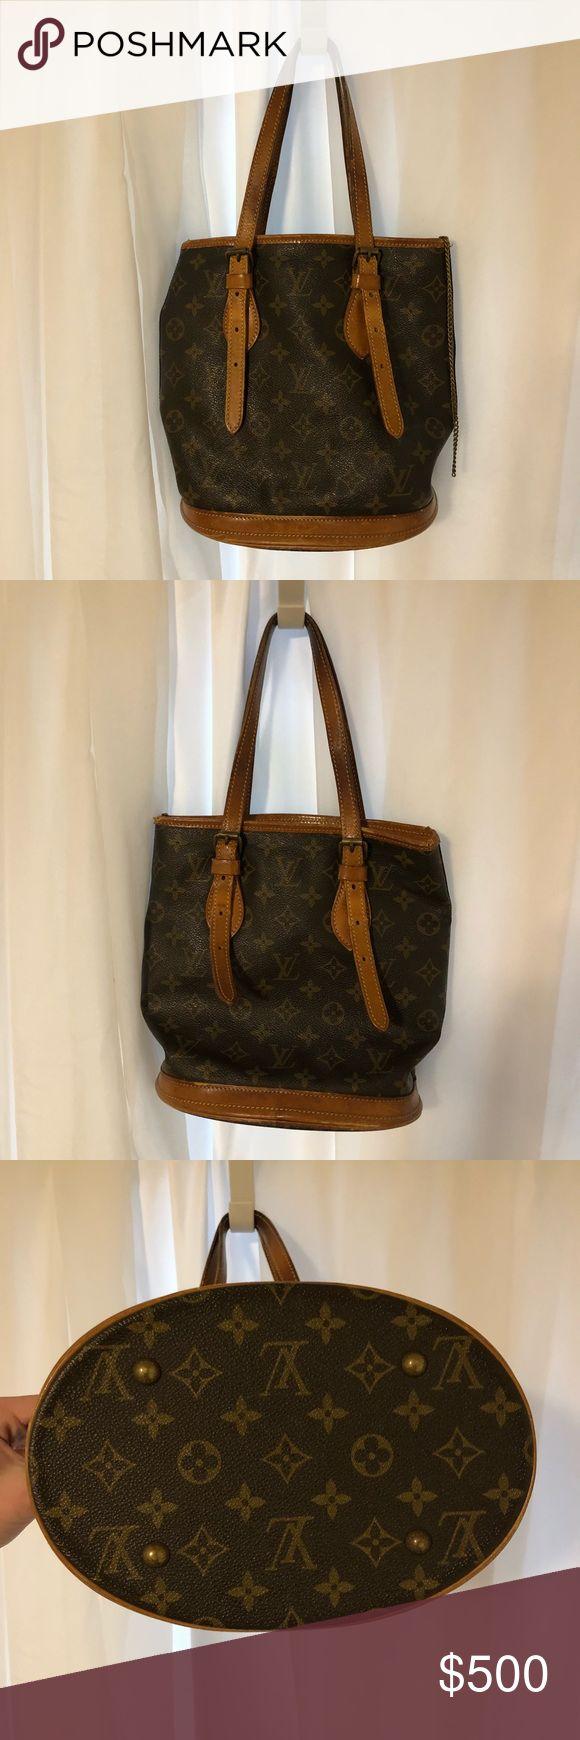 Louis Vuitton pm bucket bag authentic Louis Vuitton pm bucket bag authentic Louis Vuitton Bags